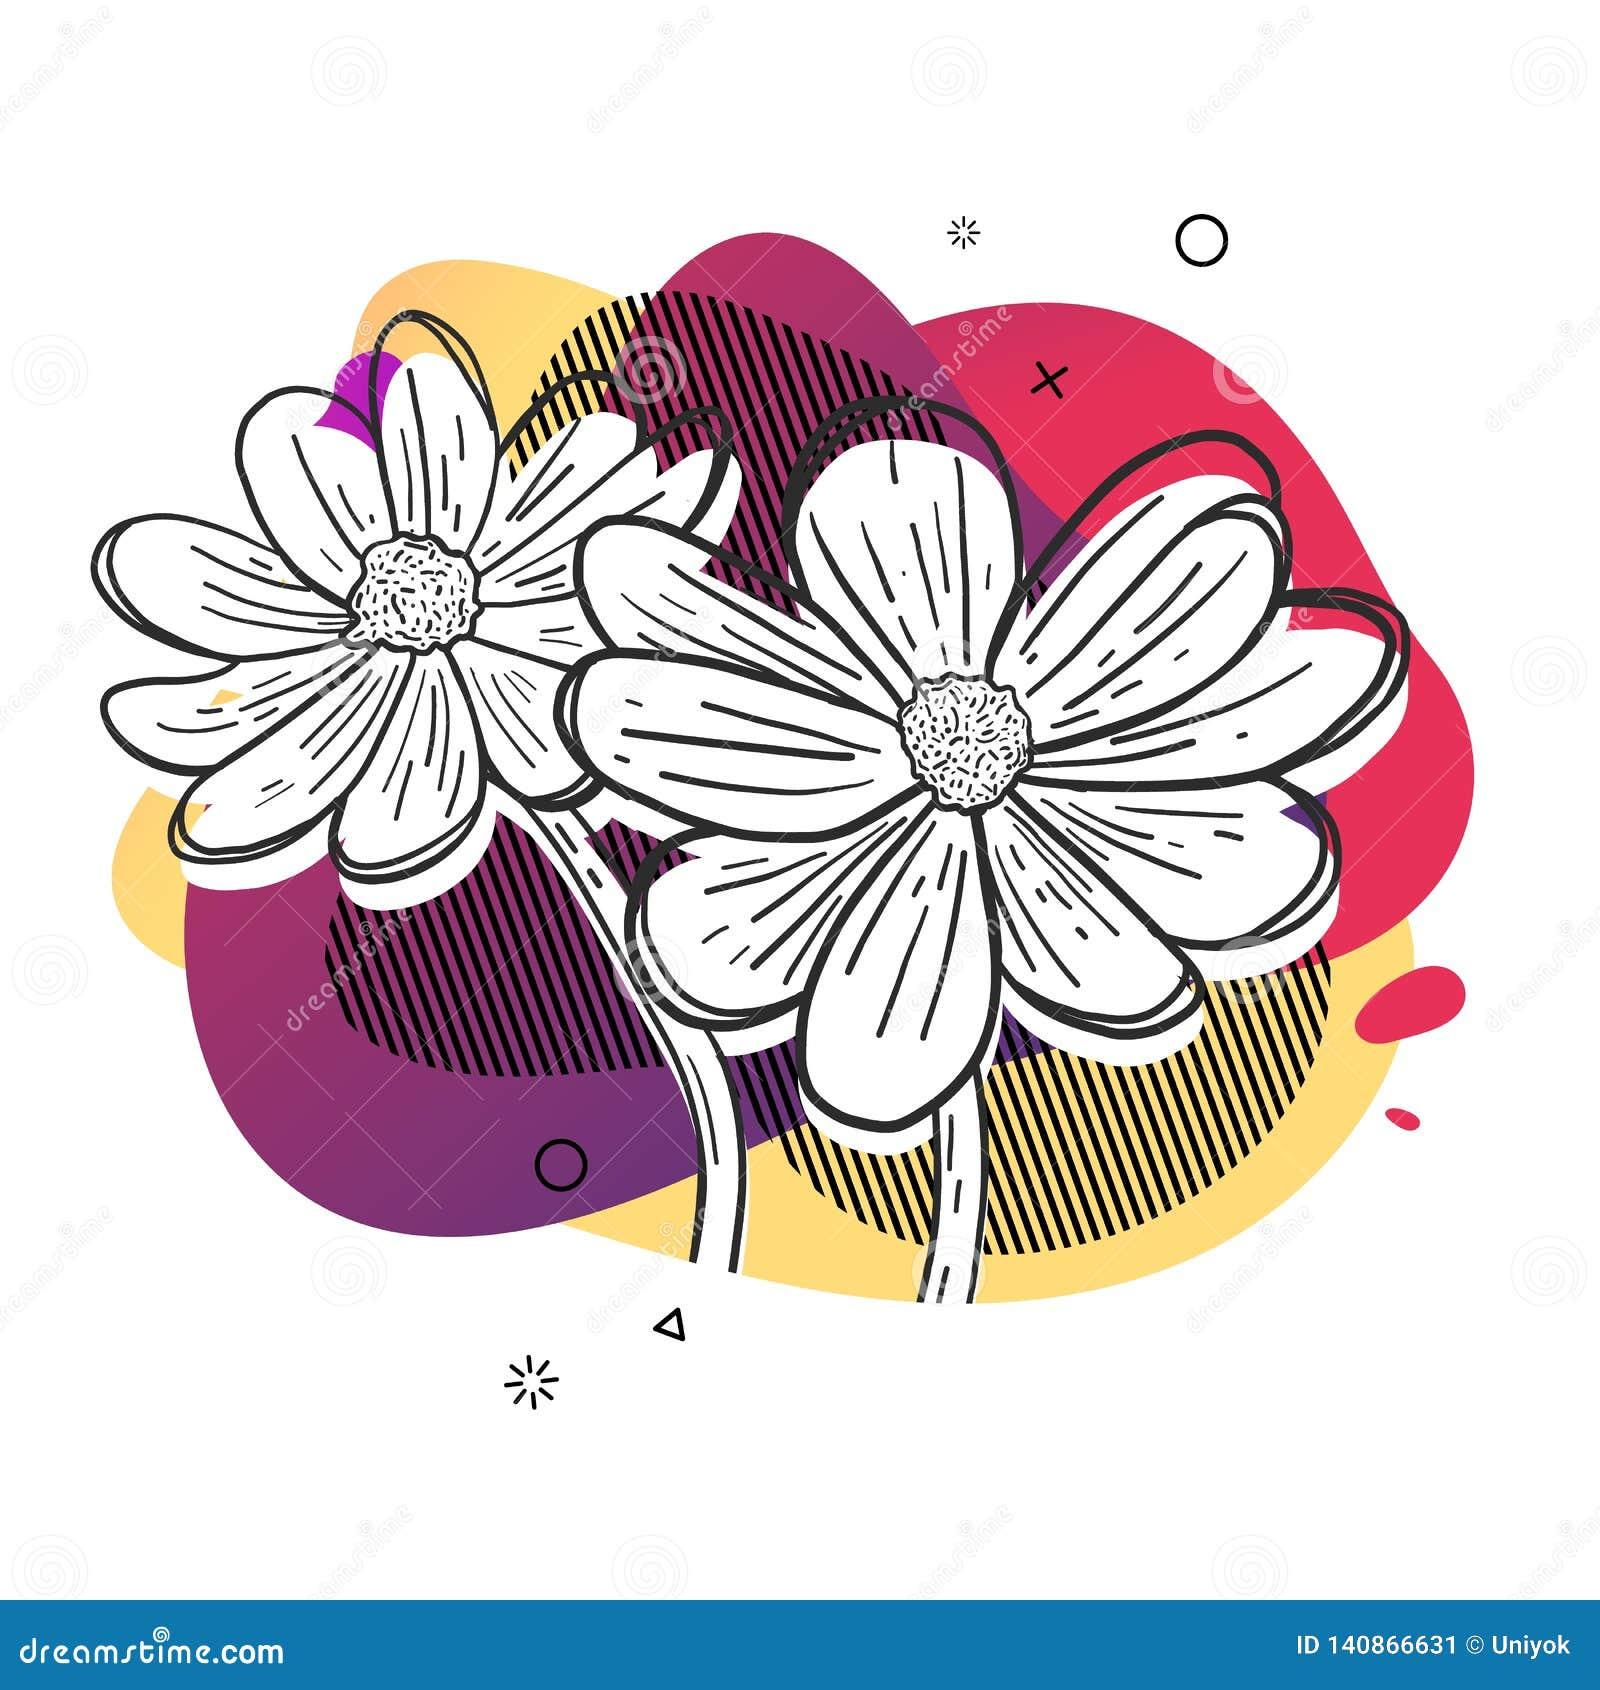 Schablonenentwurfsdruck mit Blumenlinie graphik Plakat mit moderner abstrakter Steigungsform mit Blumenblüte